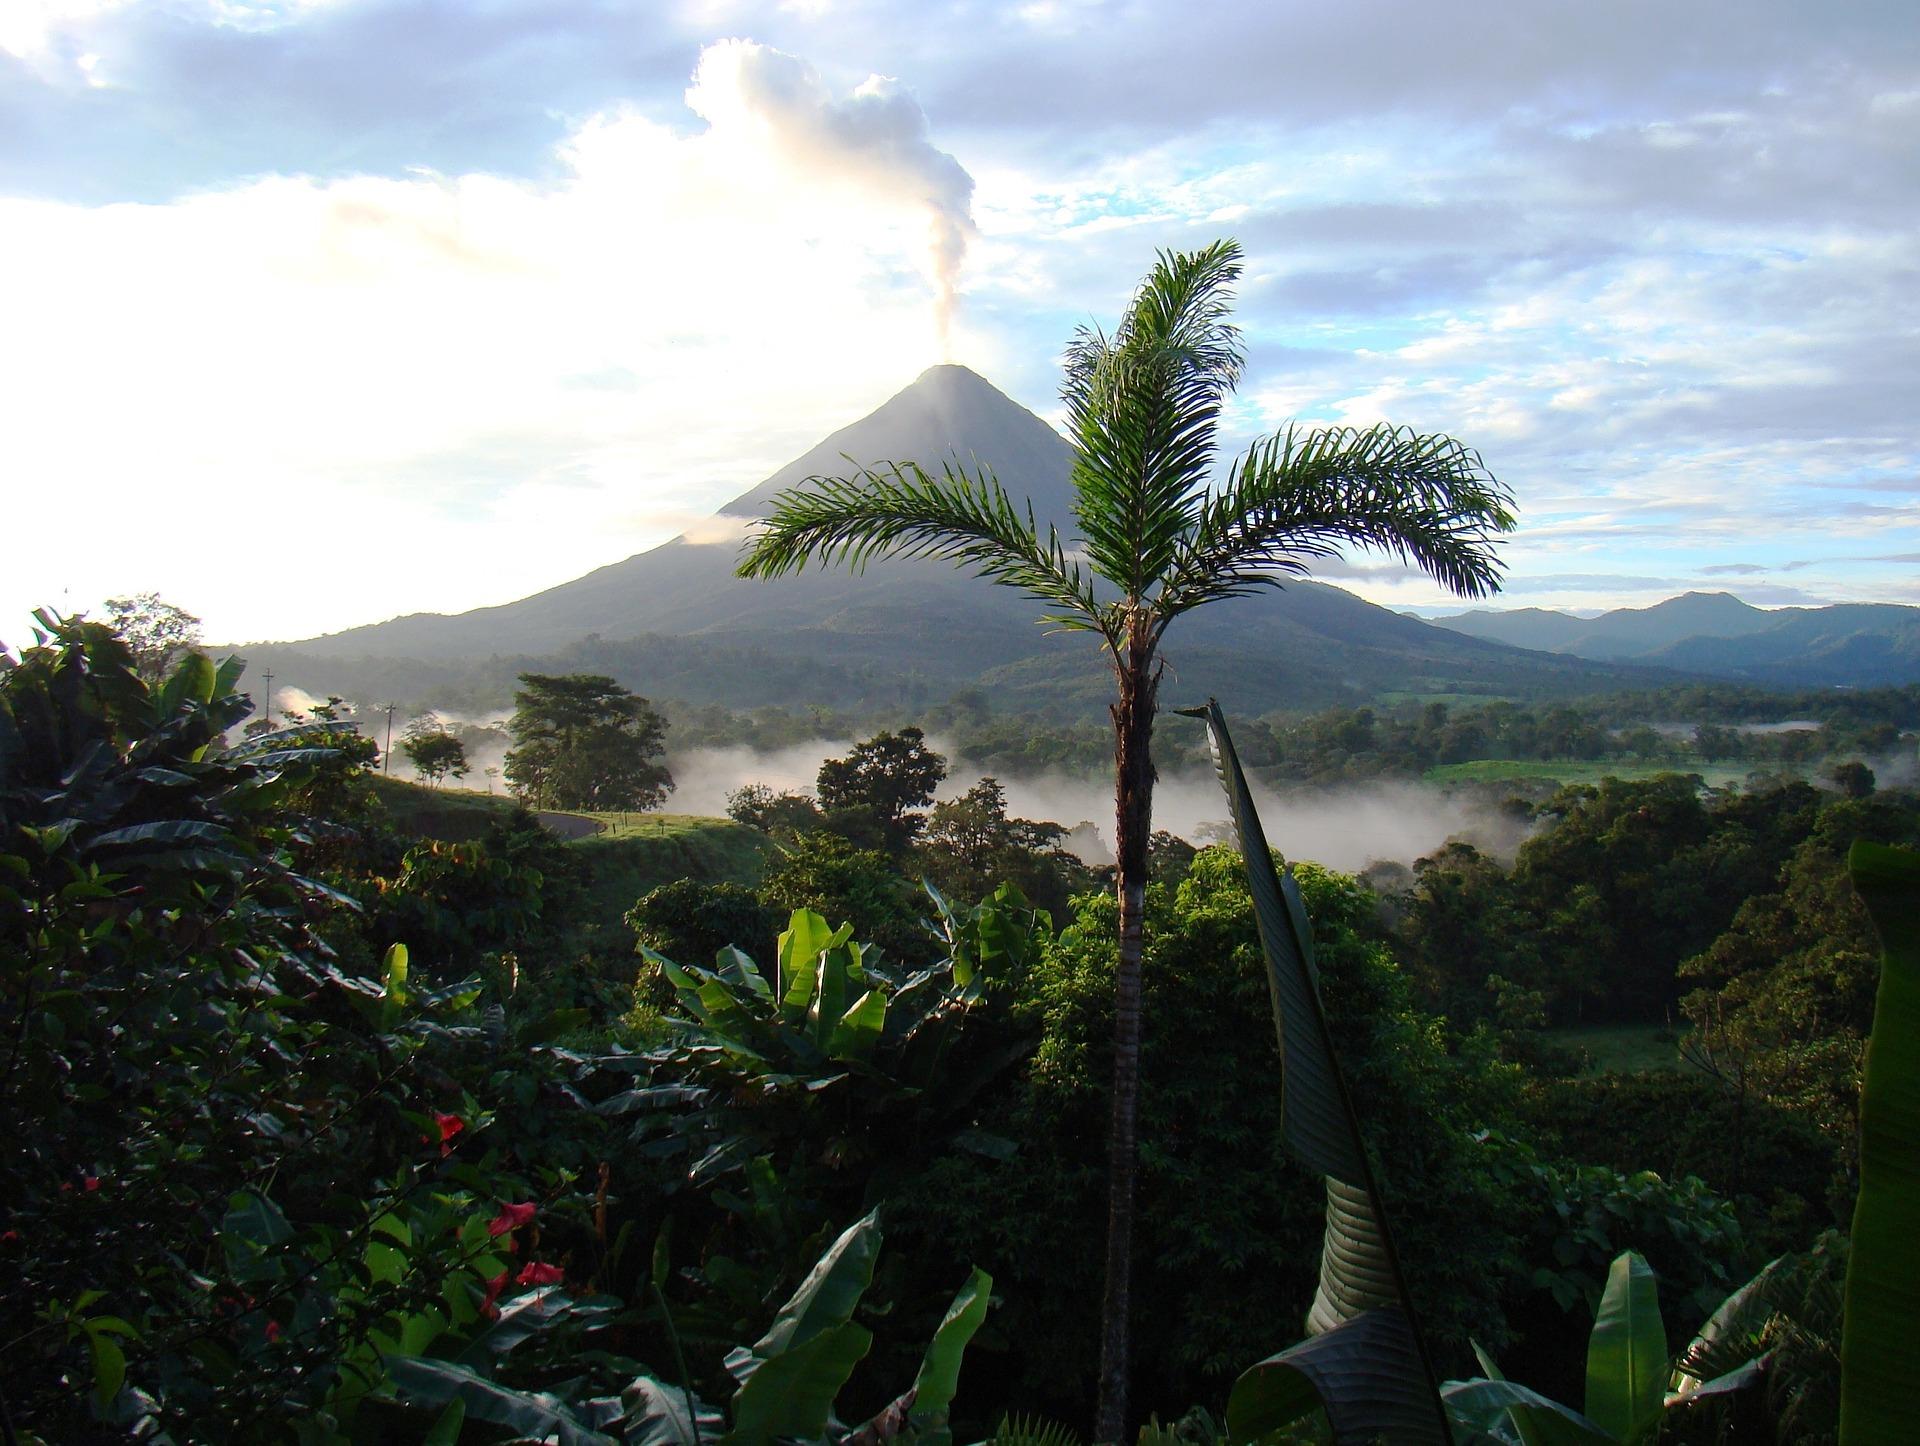 Costa Rica: Not so easy rider